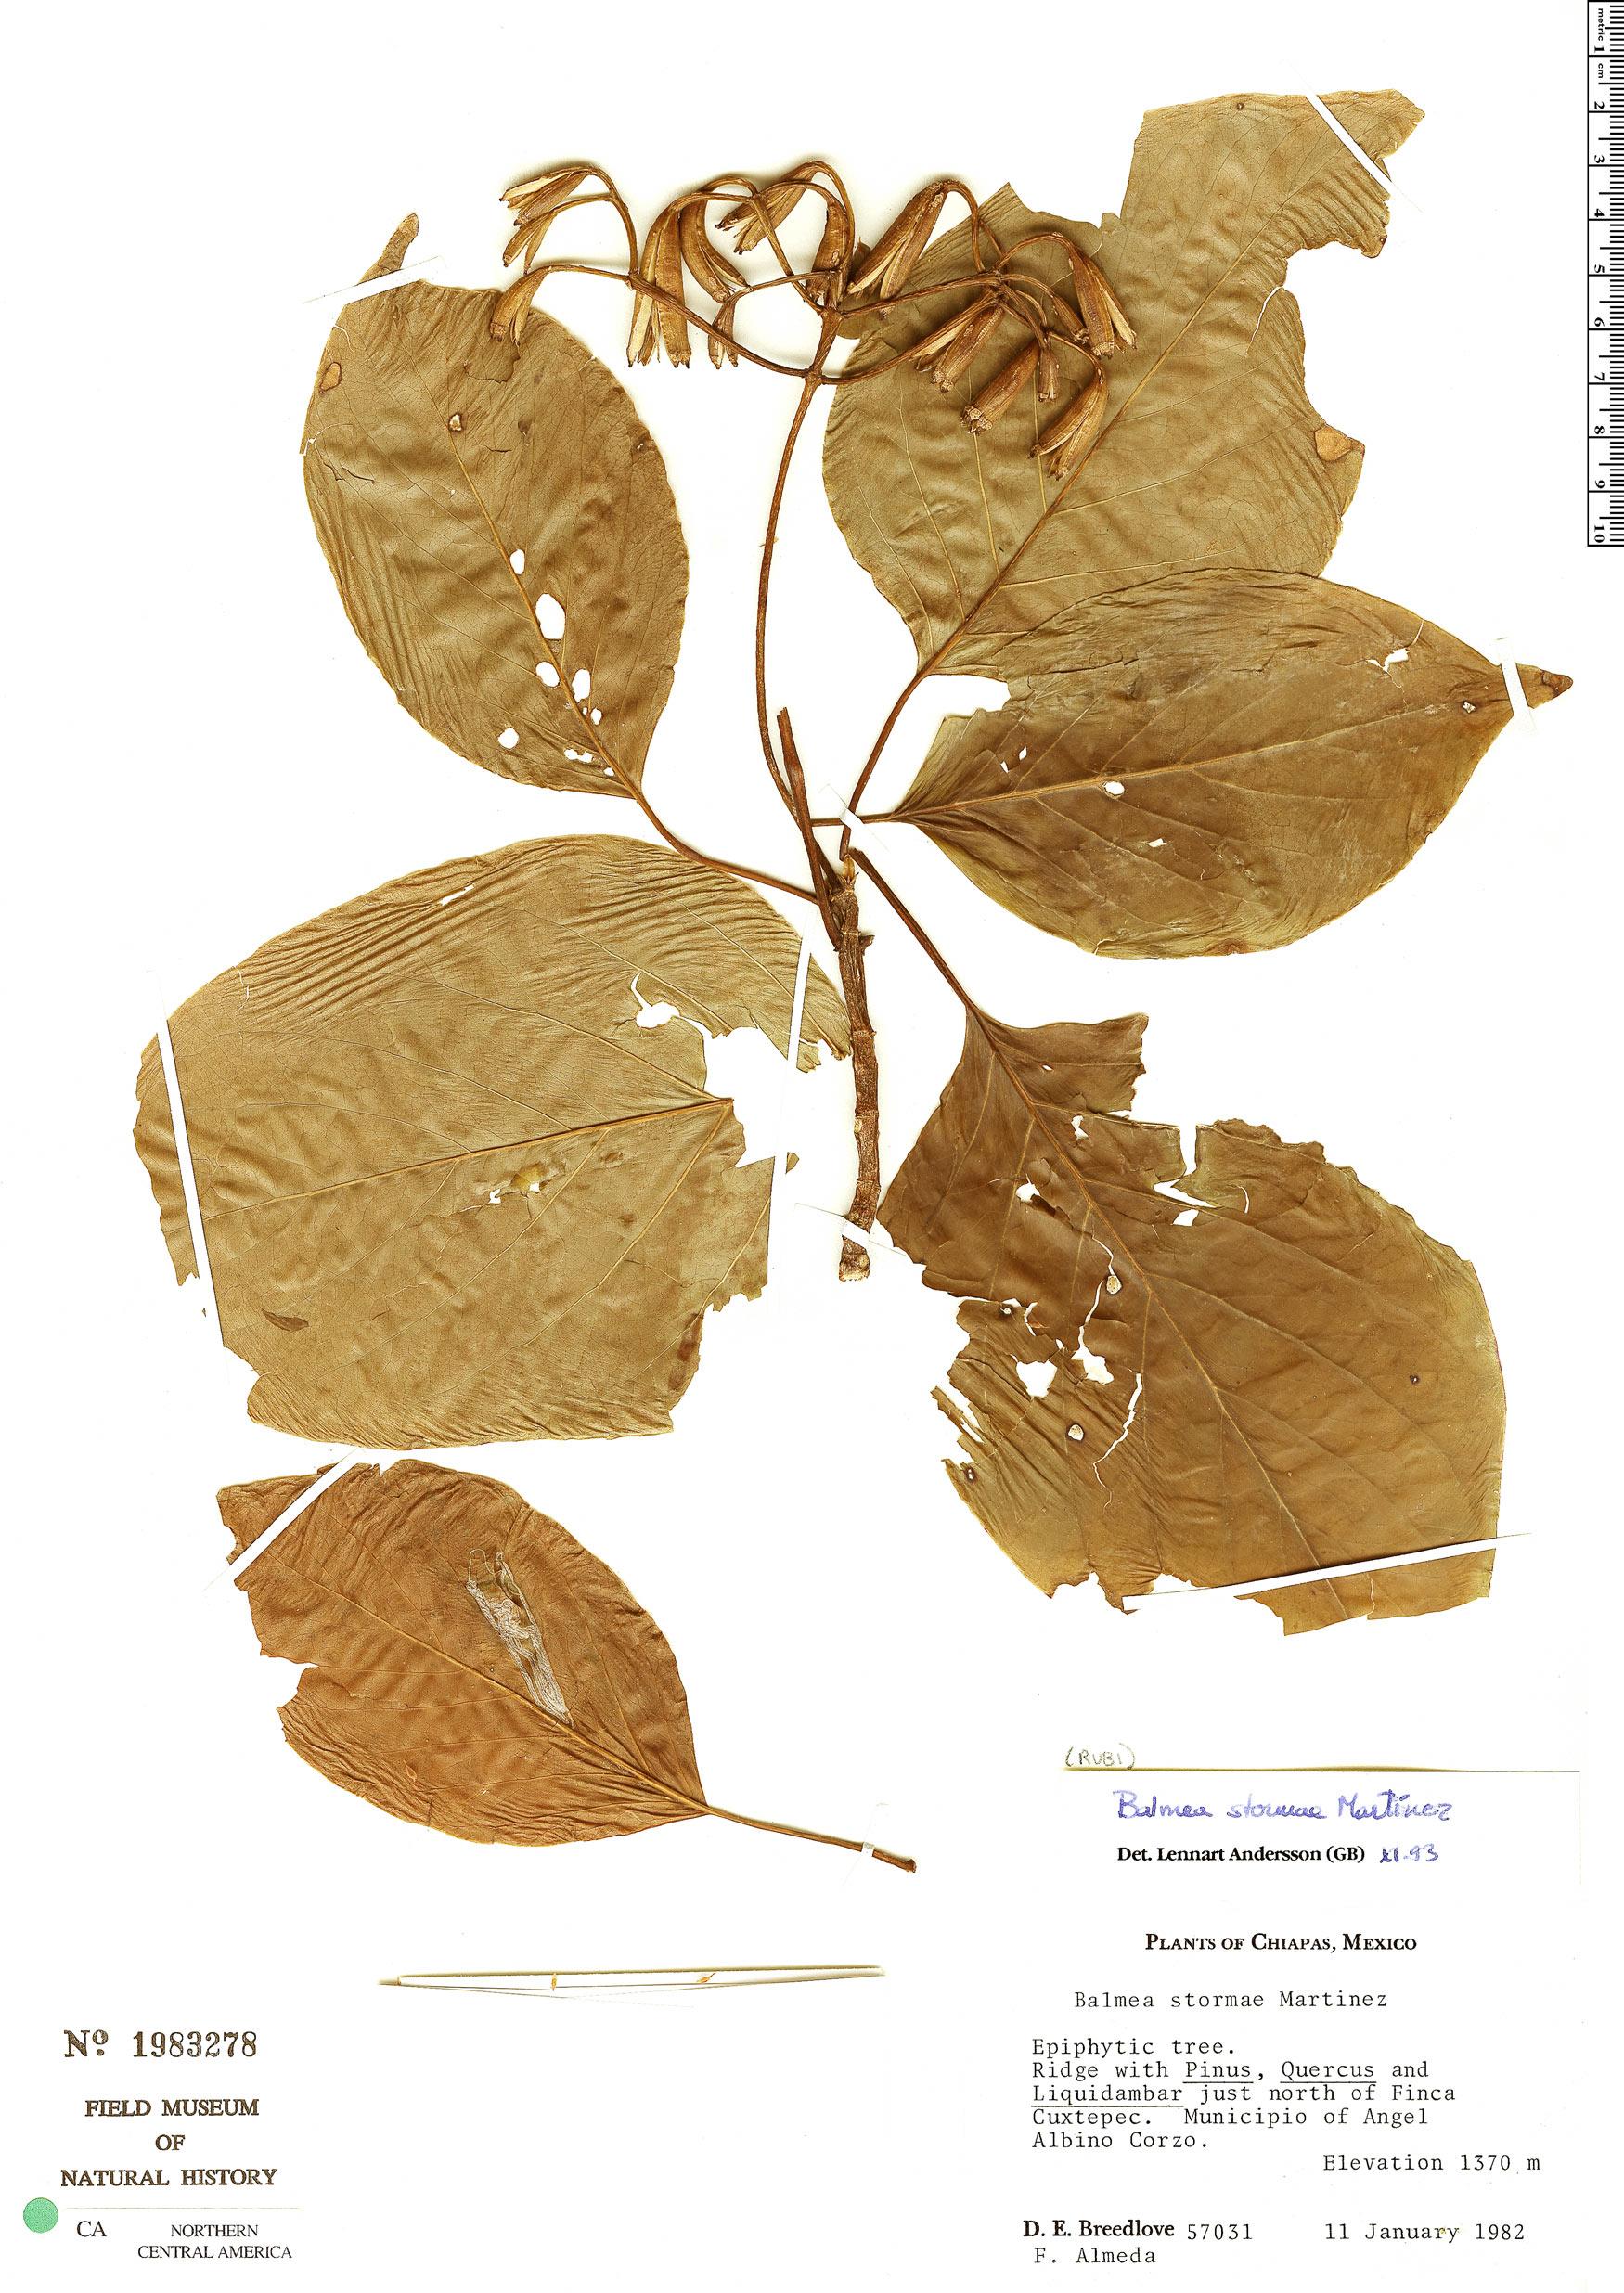 Specimen: Balmea stormiae